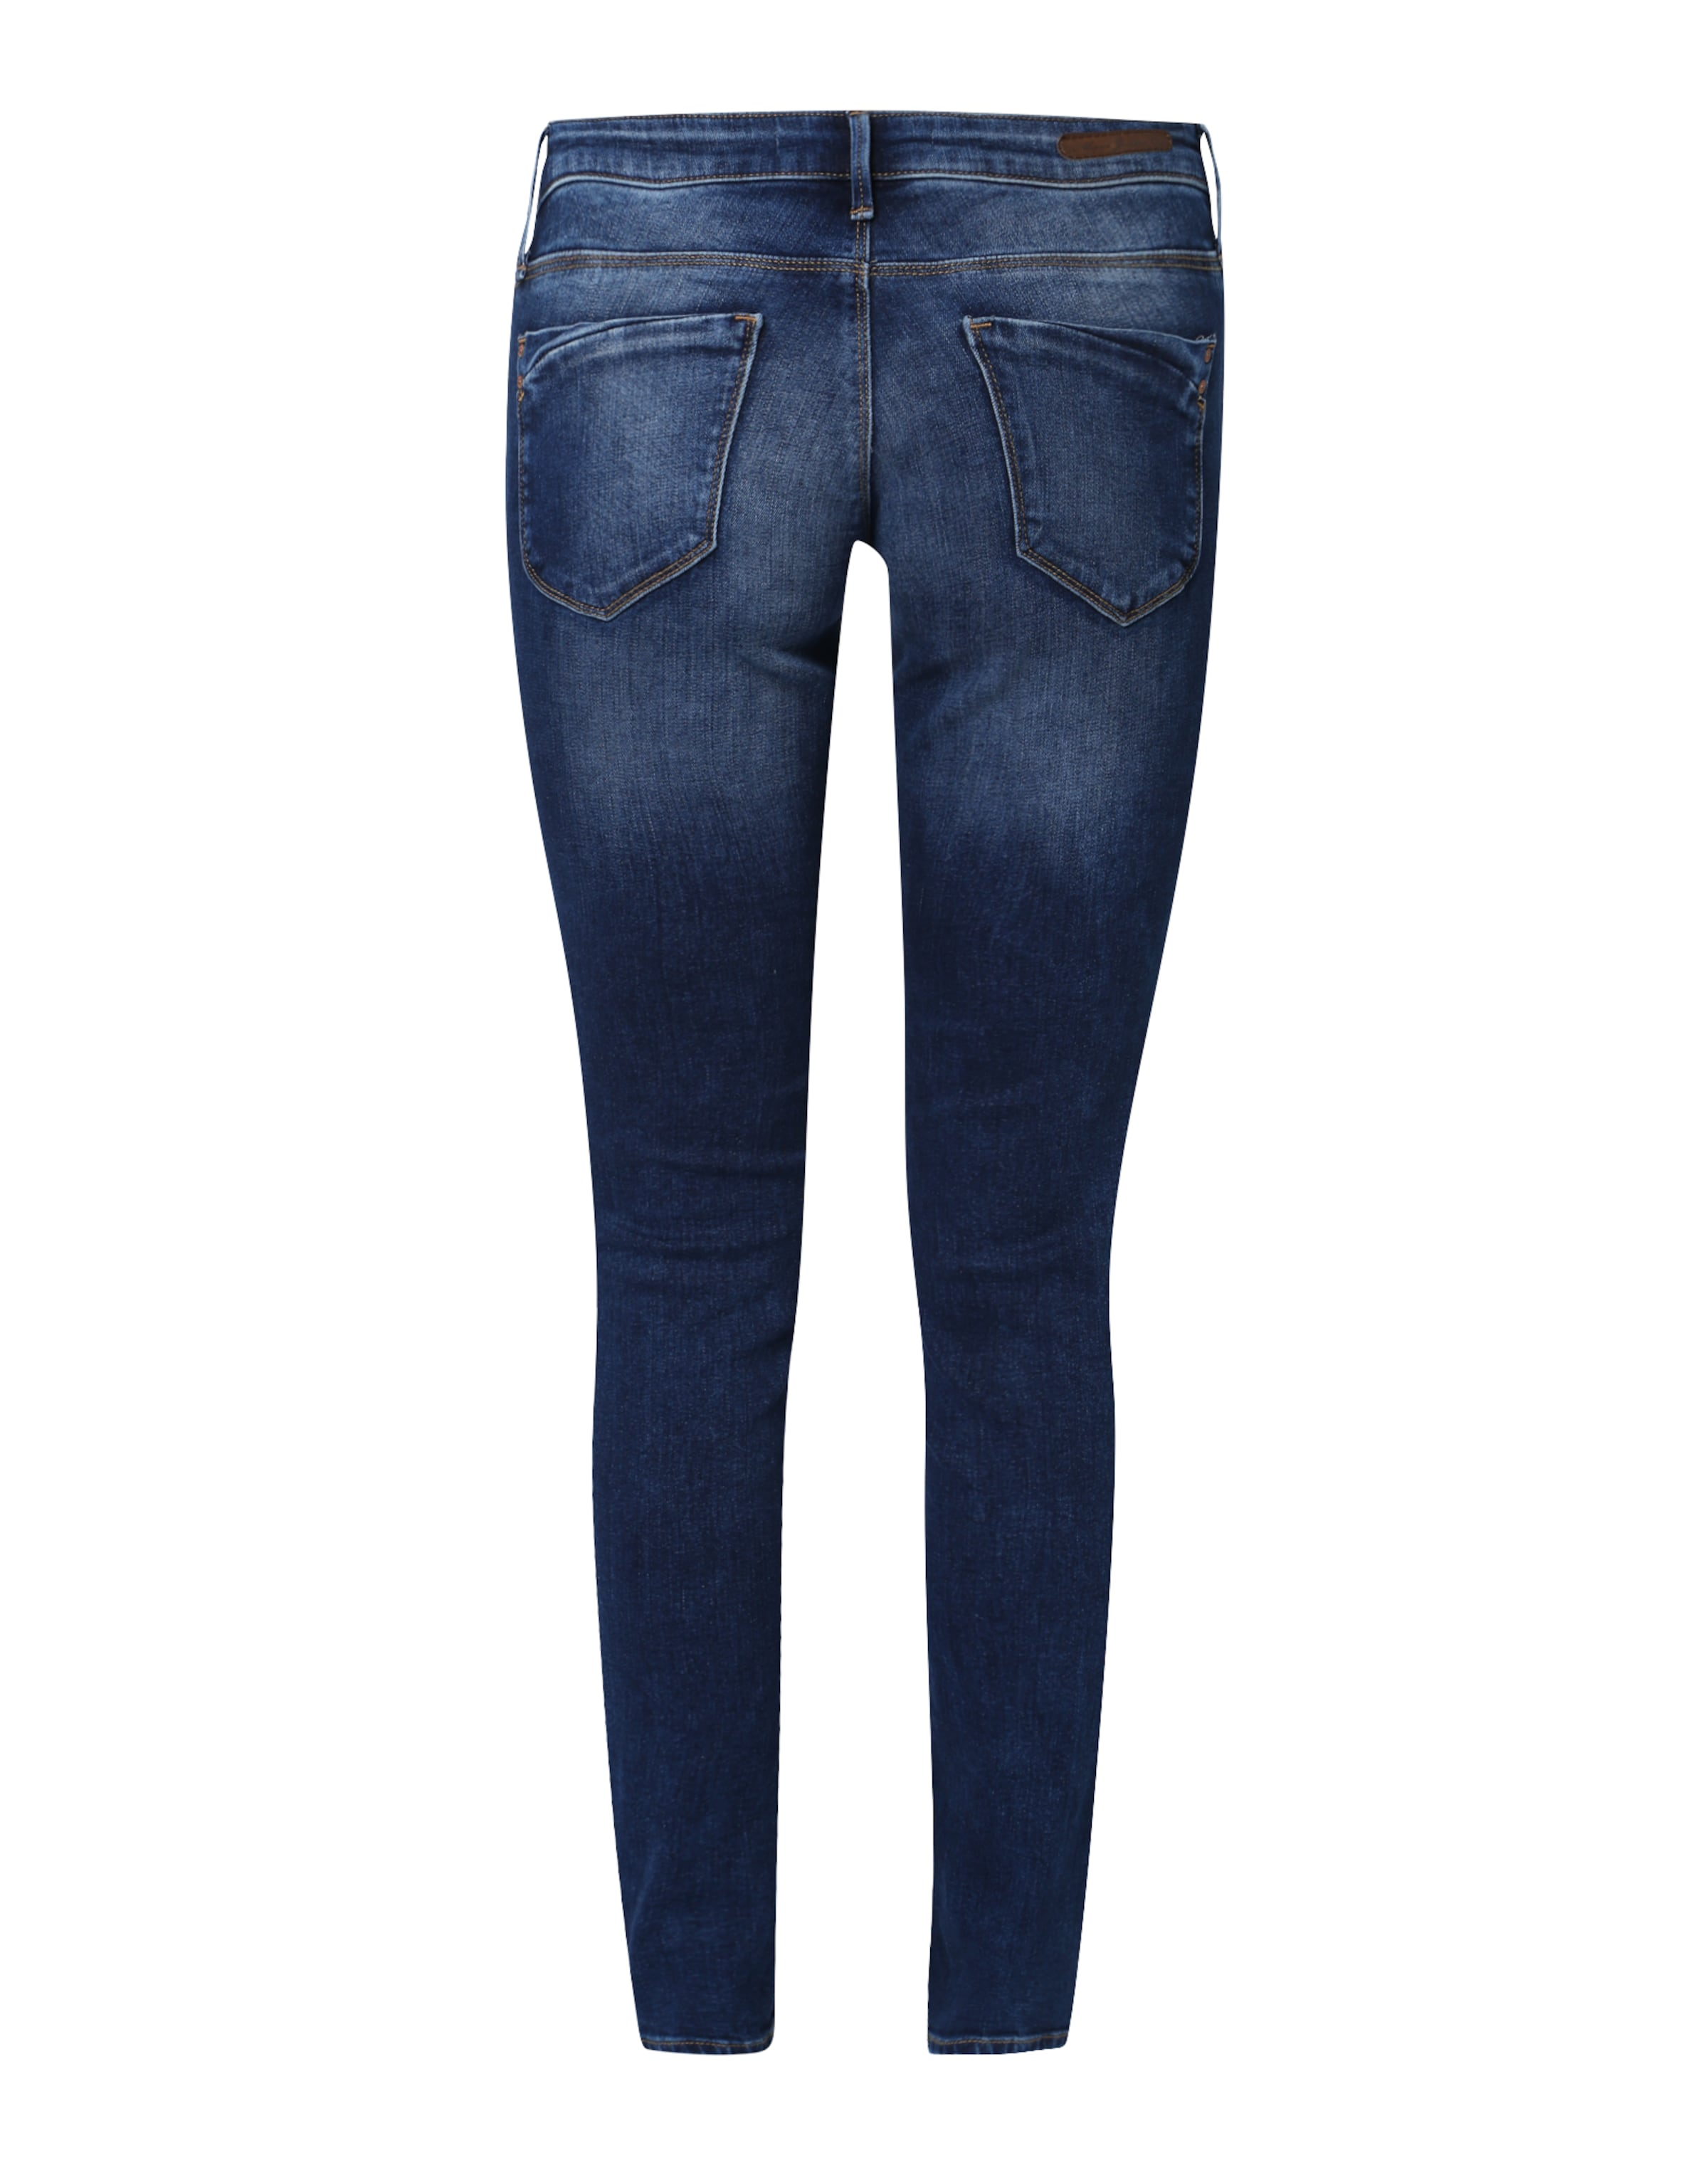 Mavi Mavi In 'serena' Donkerblauw 'serena' Jeans Jeans n0OymN8vw